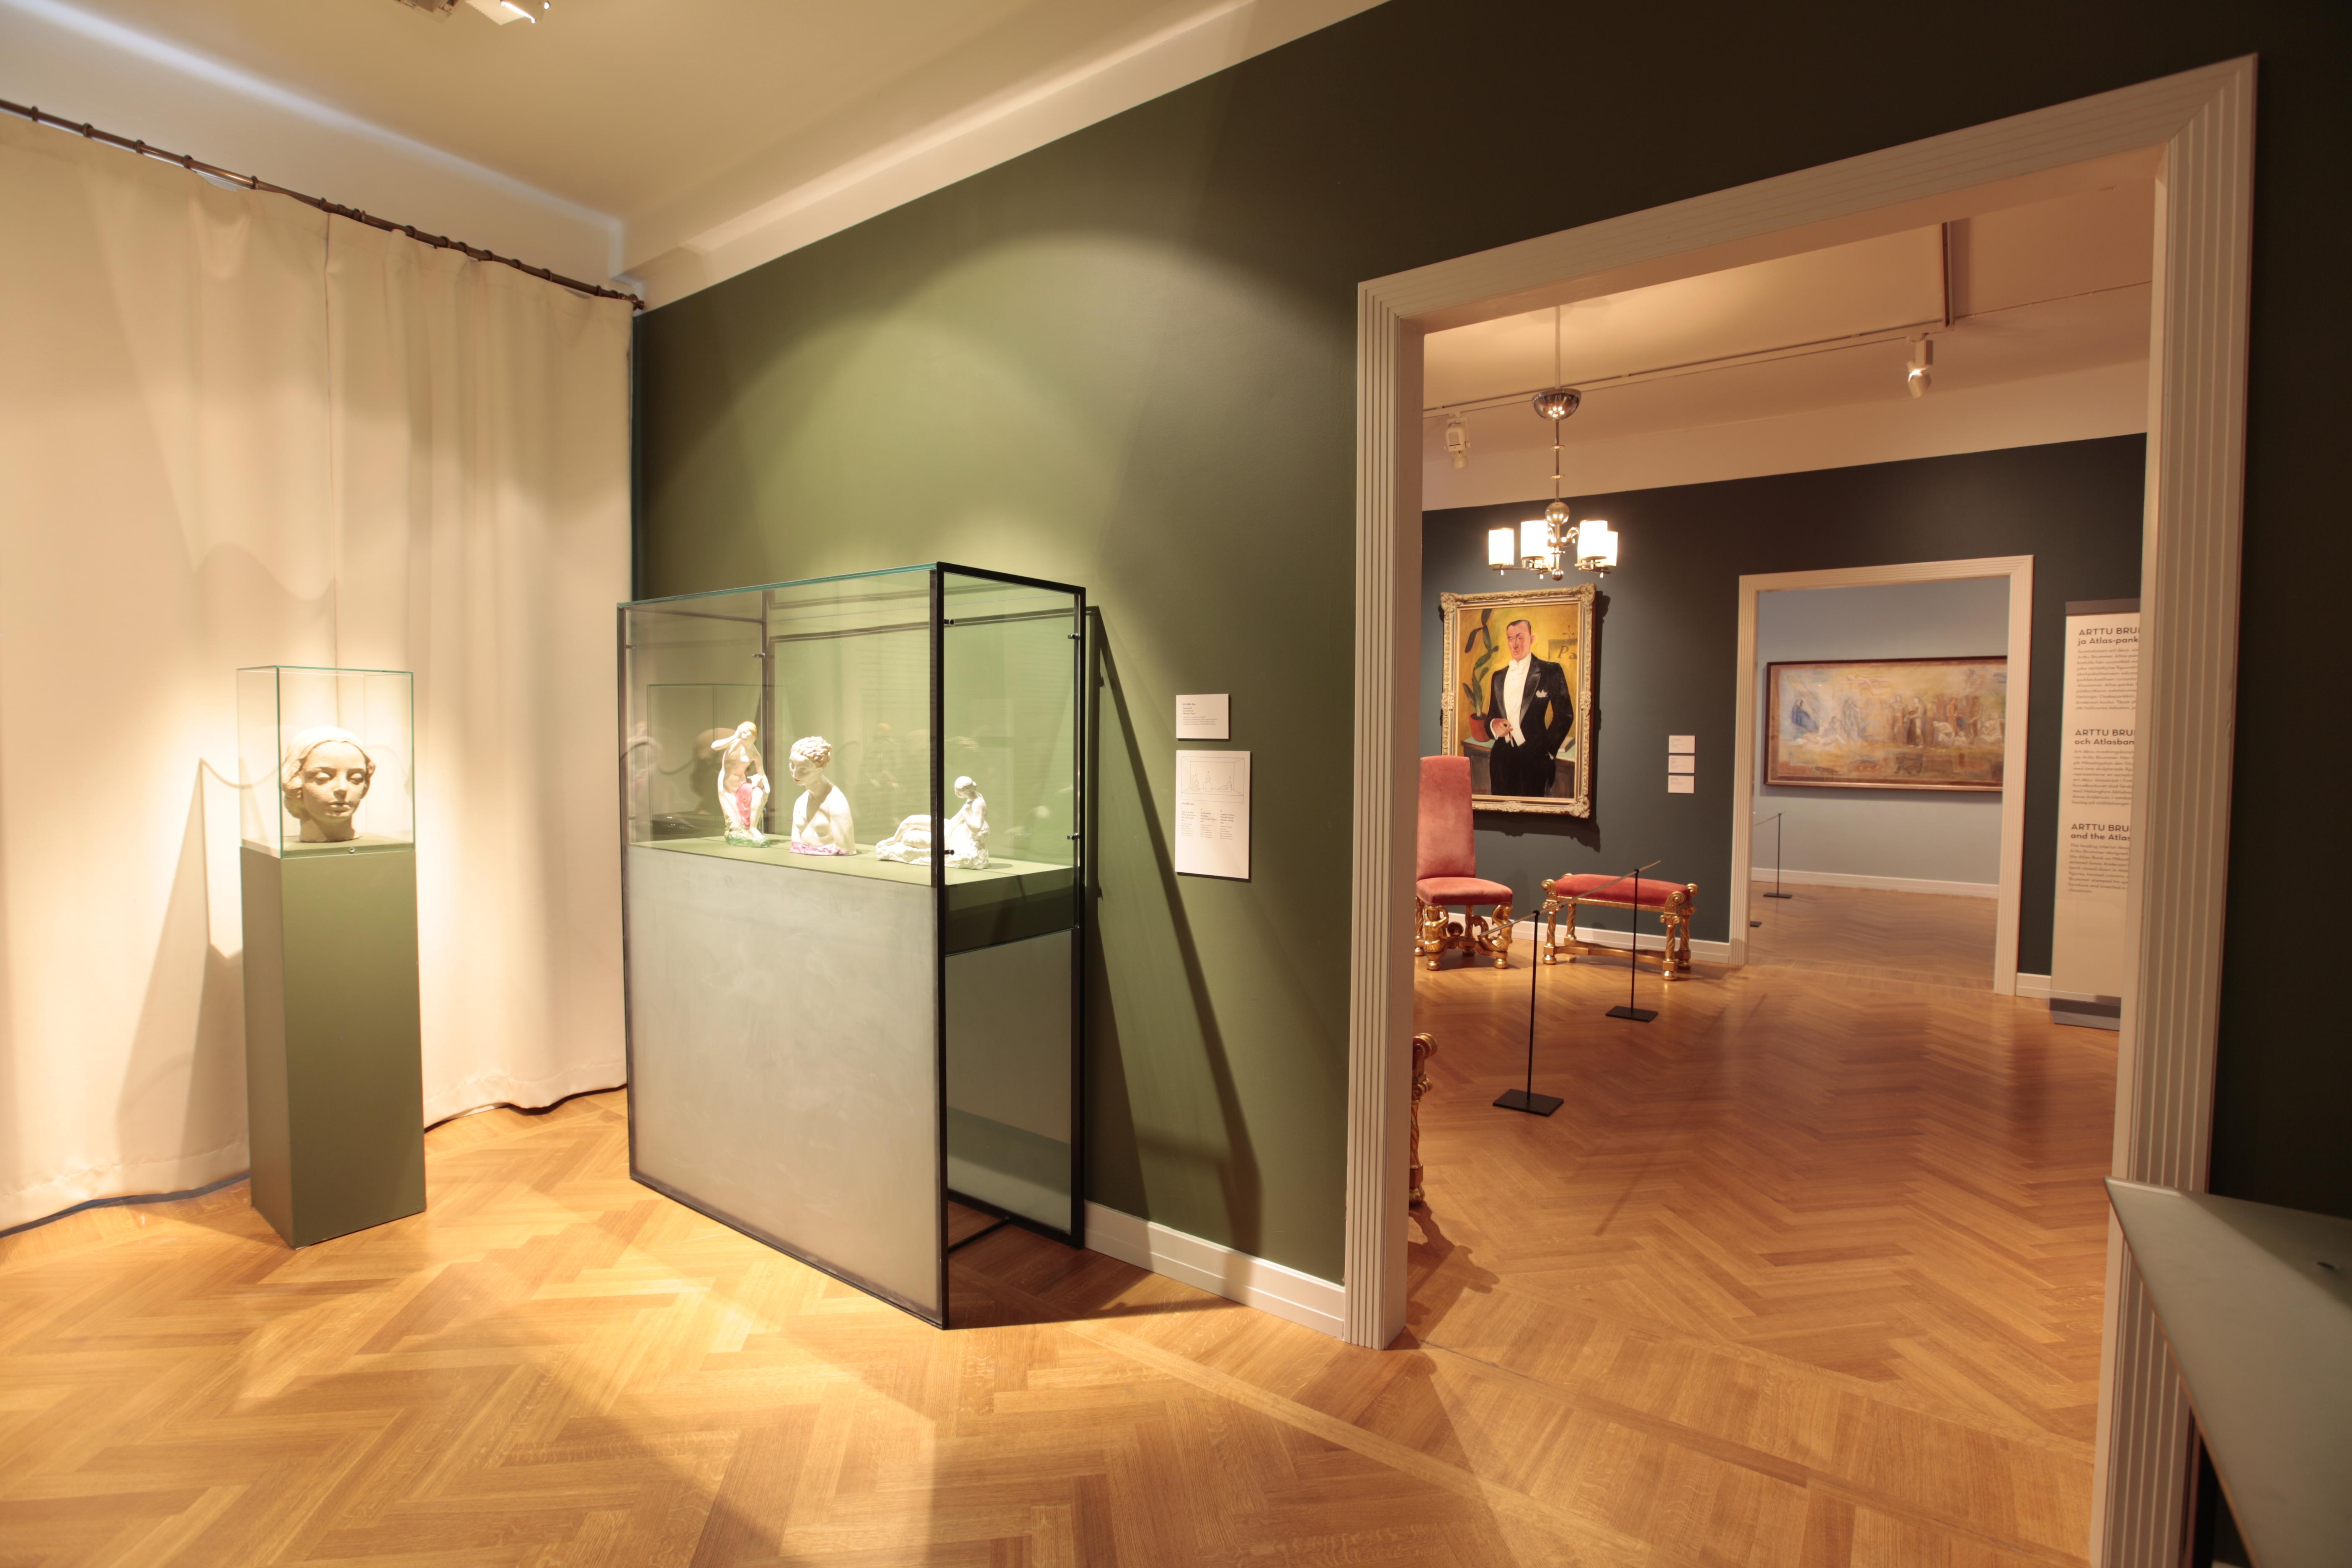 Visite virtuelle l art d co et les arts iclea for Art et decoration